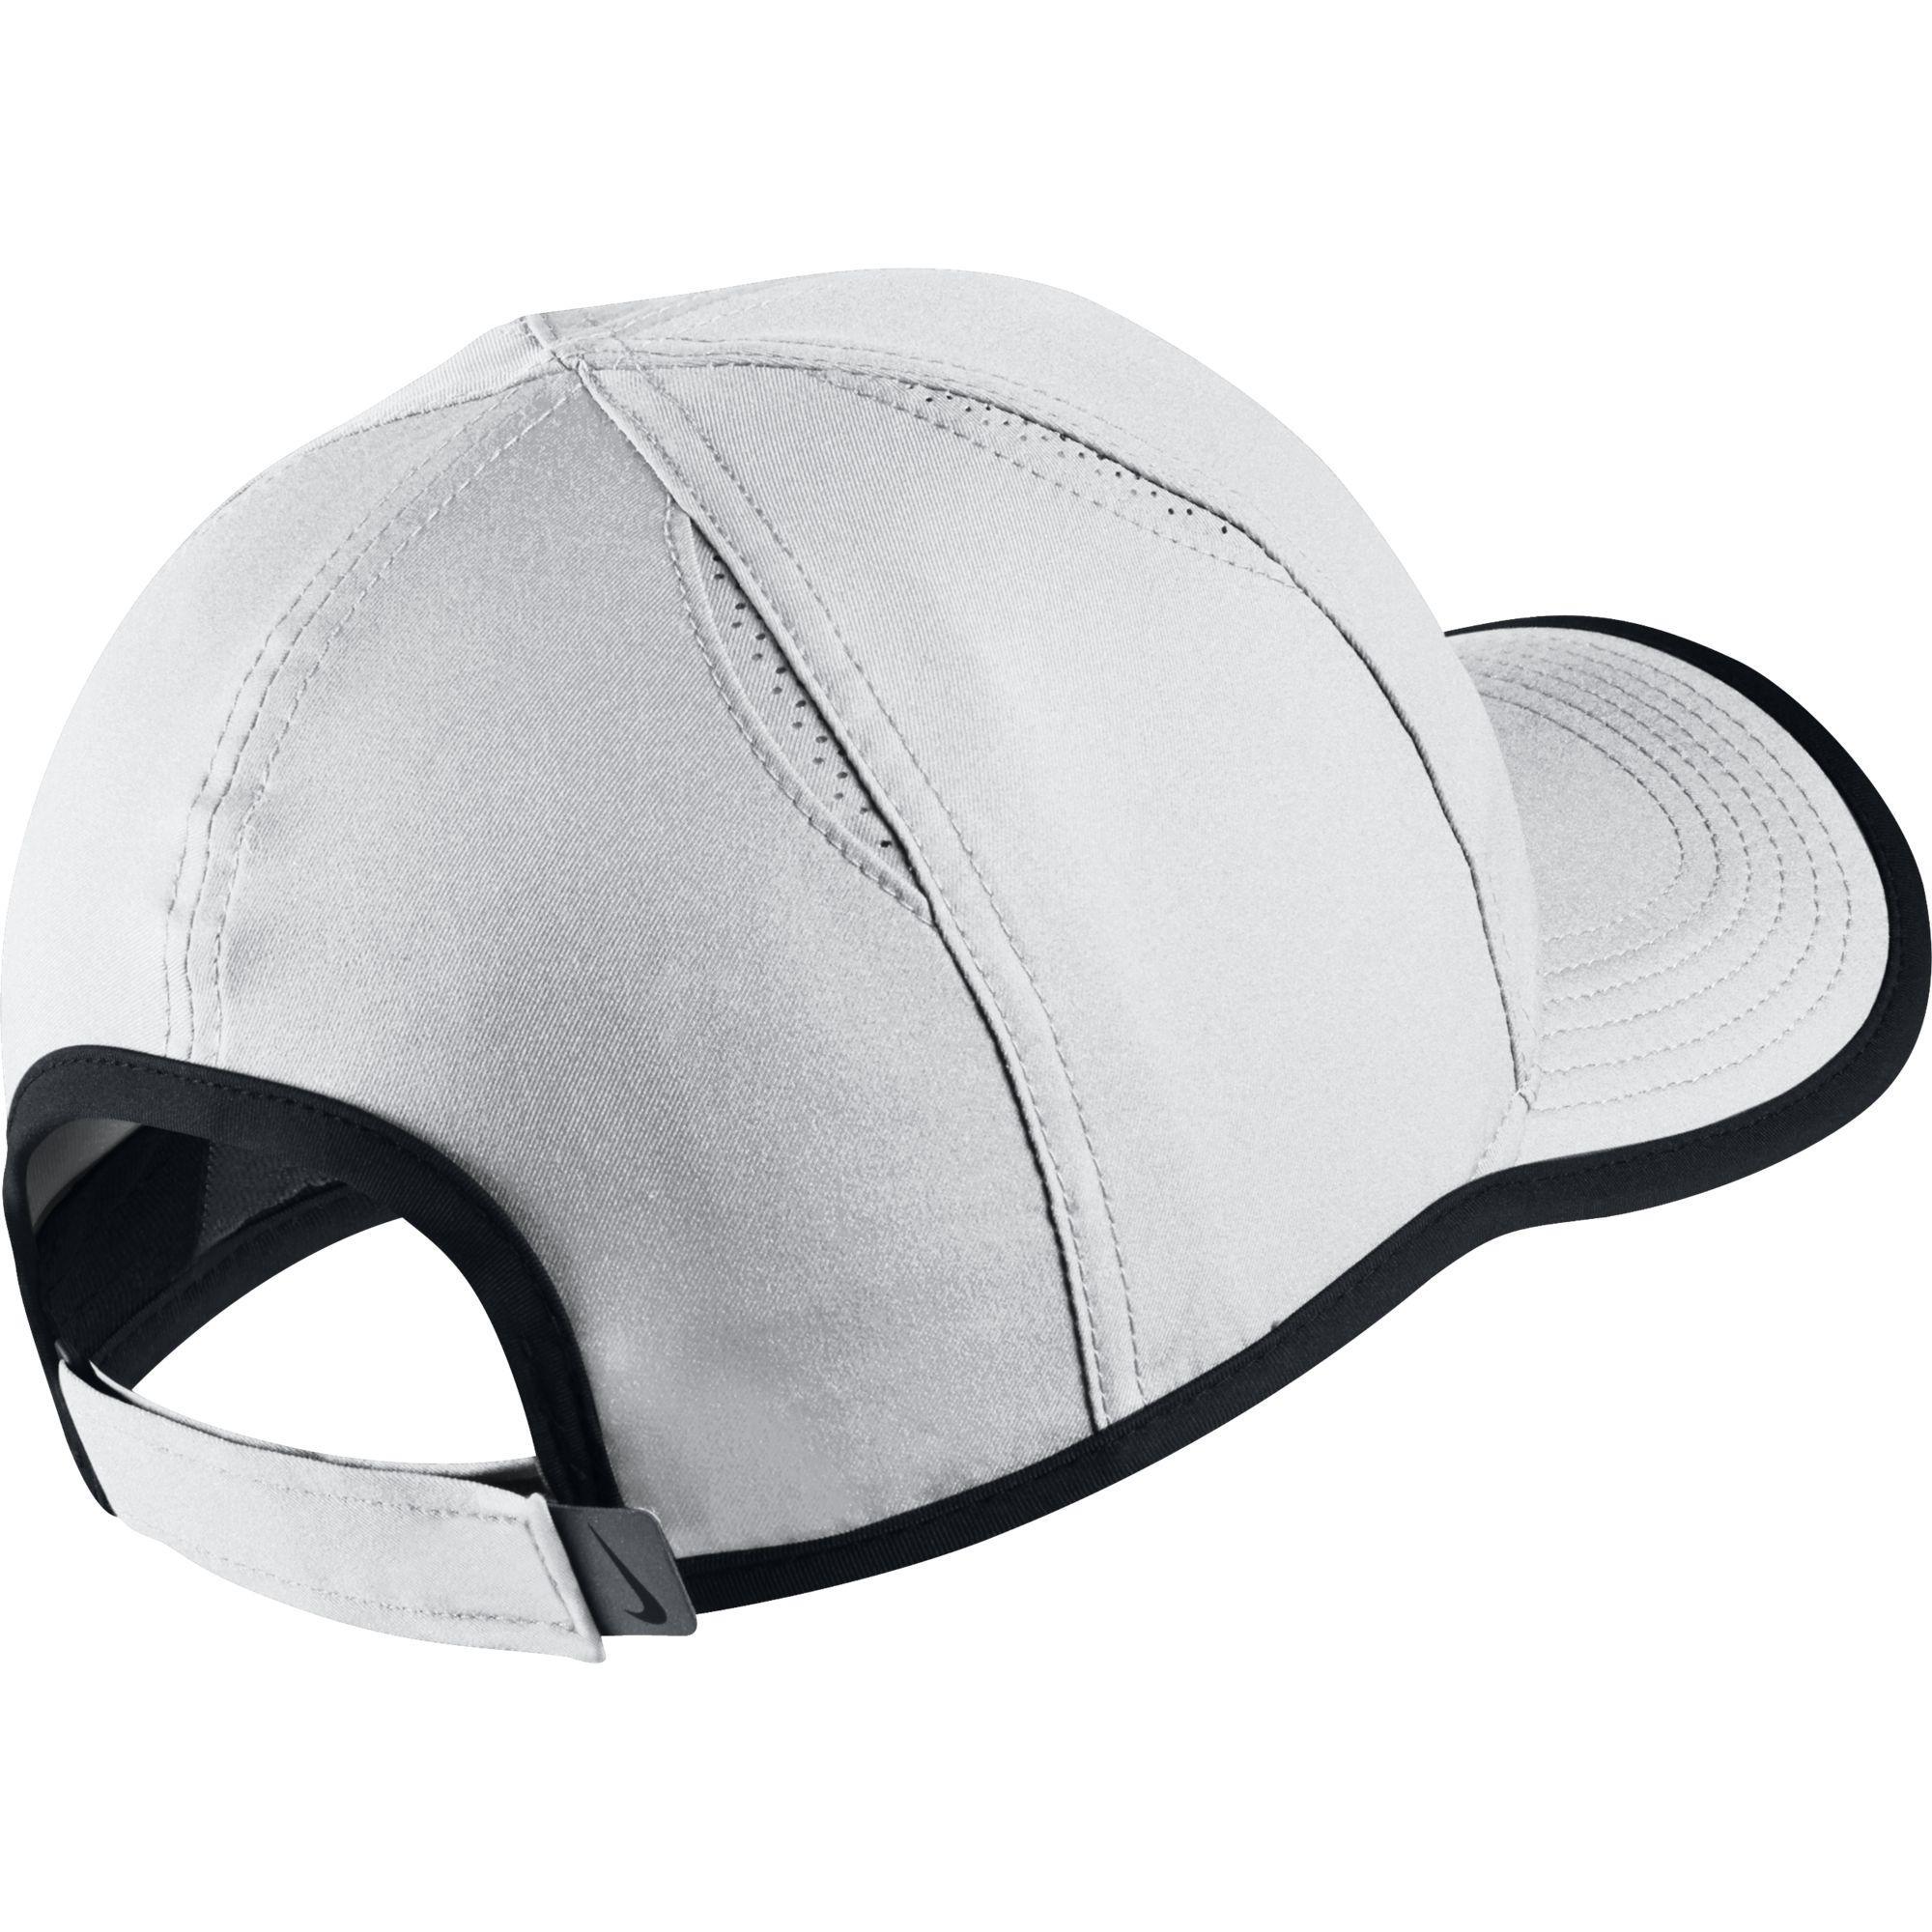 4d3f0b3f9f8 Nike Kids Featherlight Cap - White Black - Tennisnuts.com